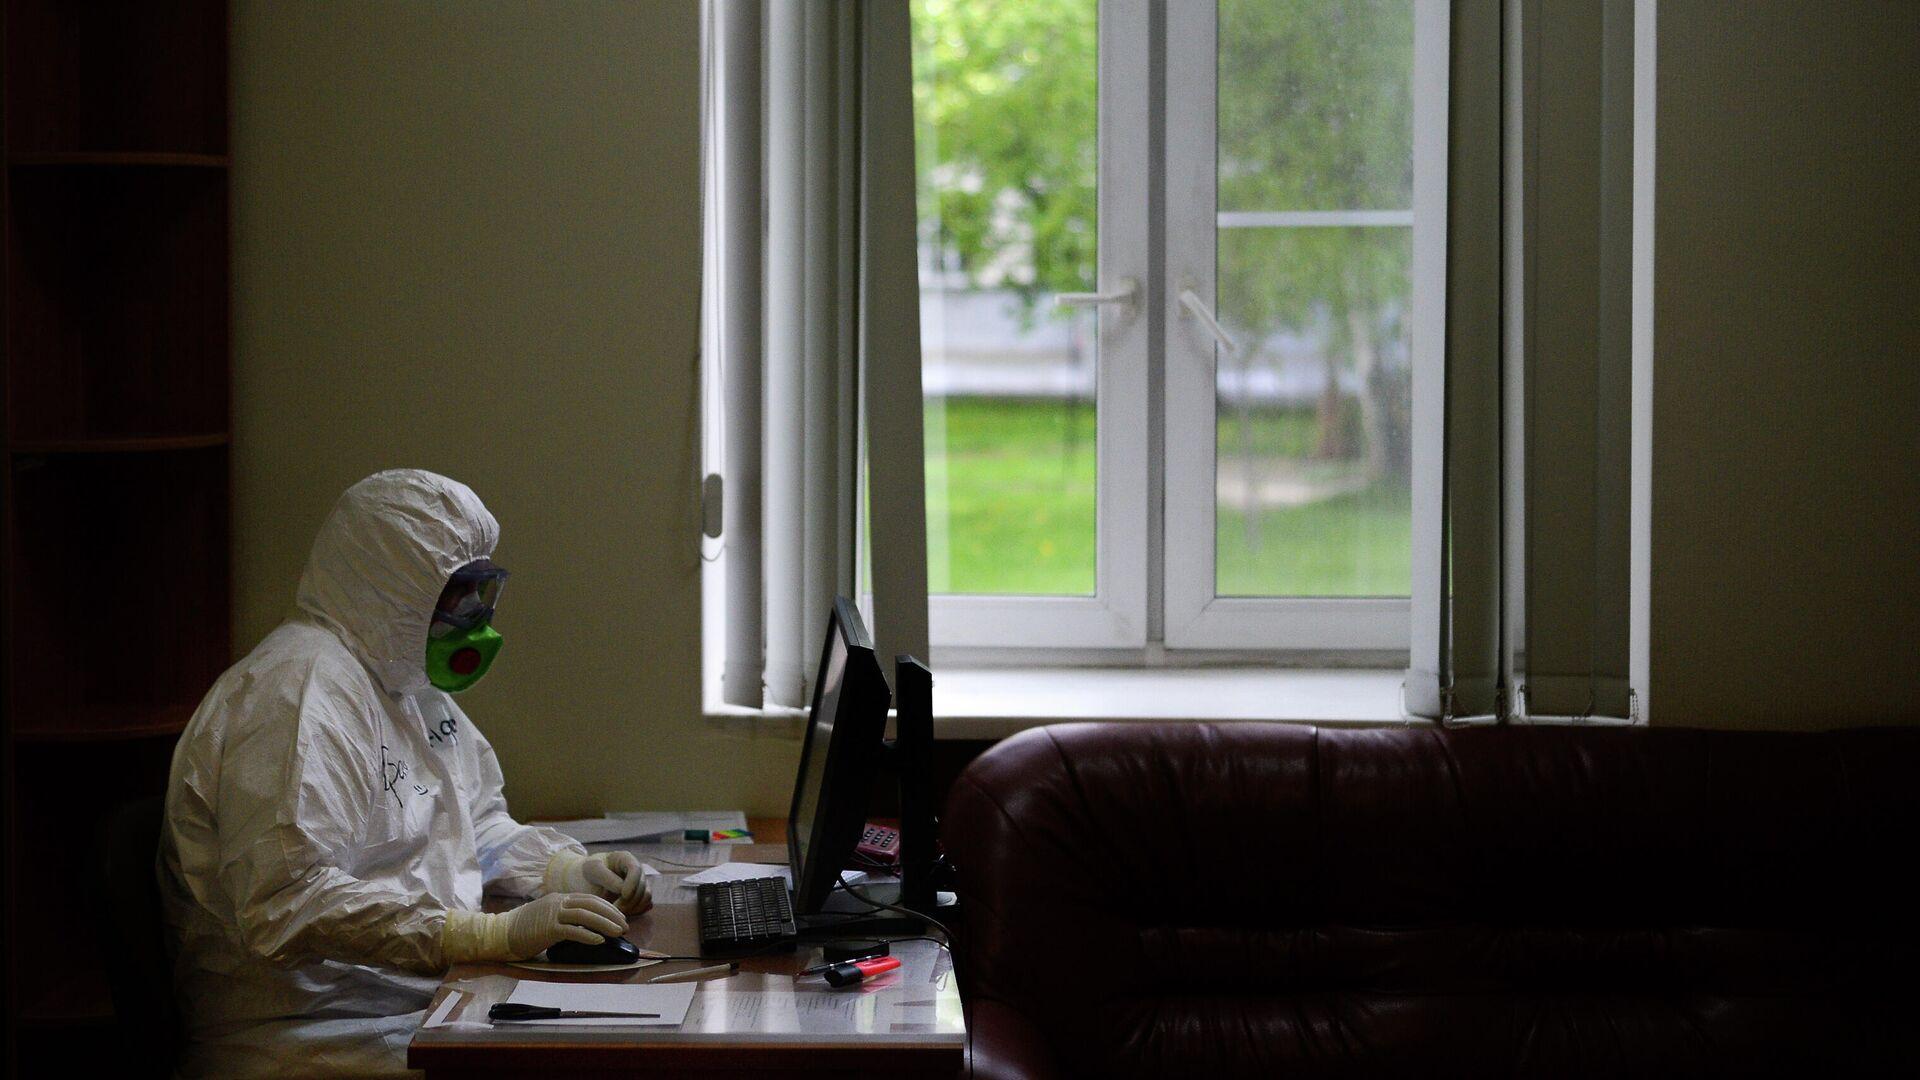 Врач в центральной клинической больнице РЖД-Медицина в Москве, где проходят лечение больные с COVID-19 - РИА Новости, 1920, 05.01.2021